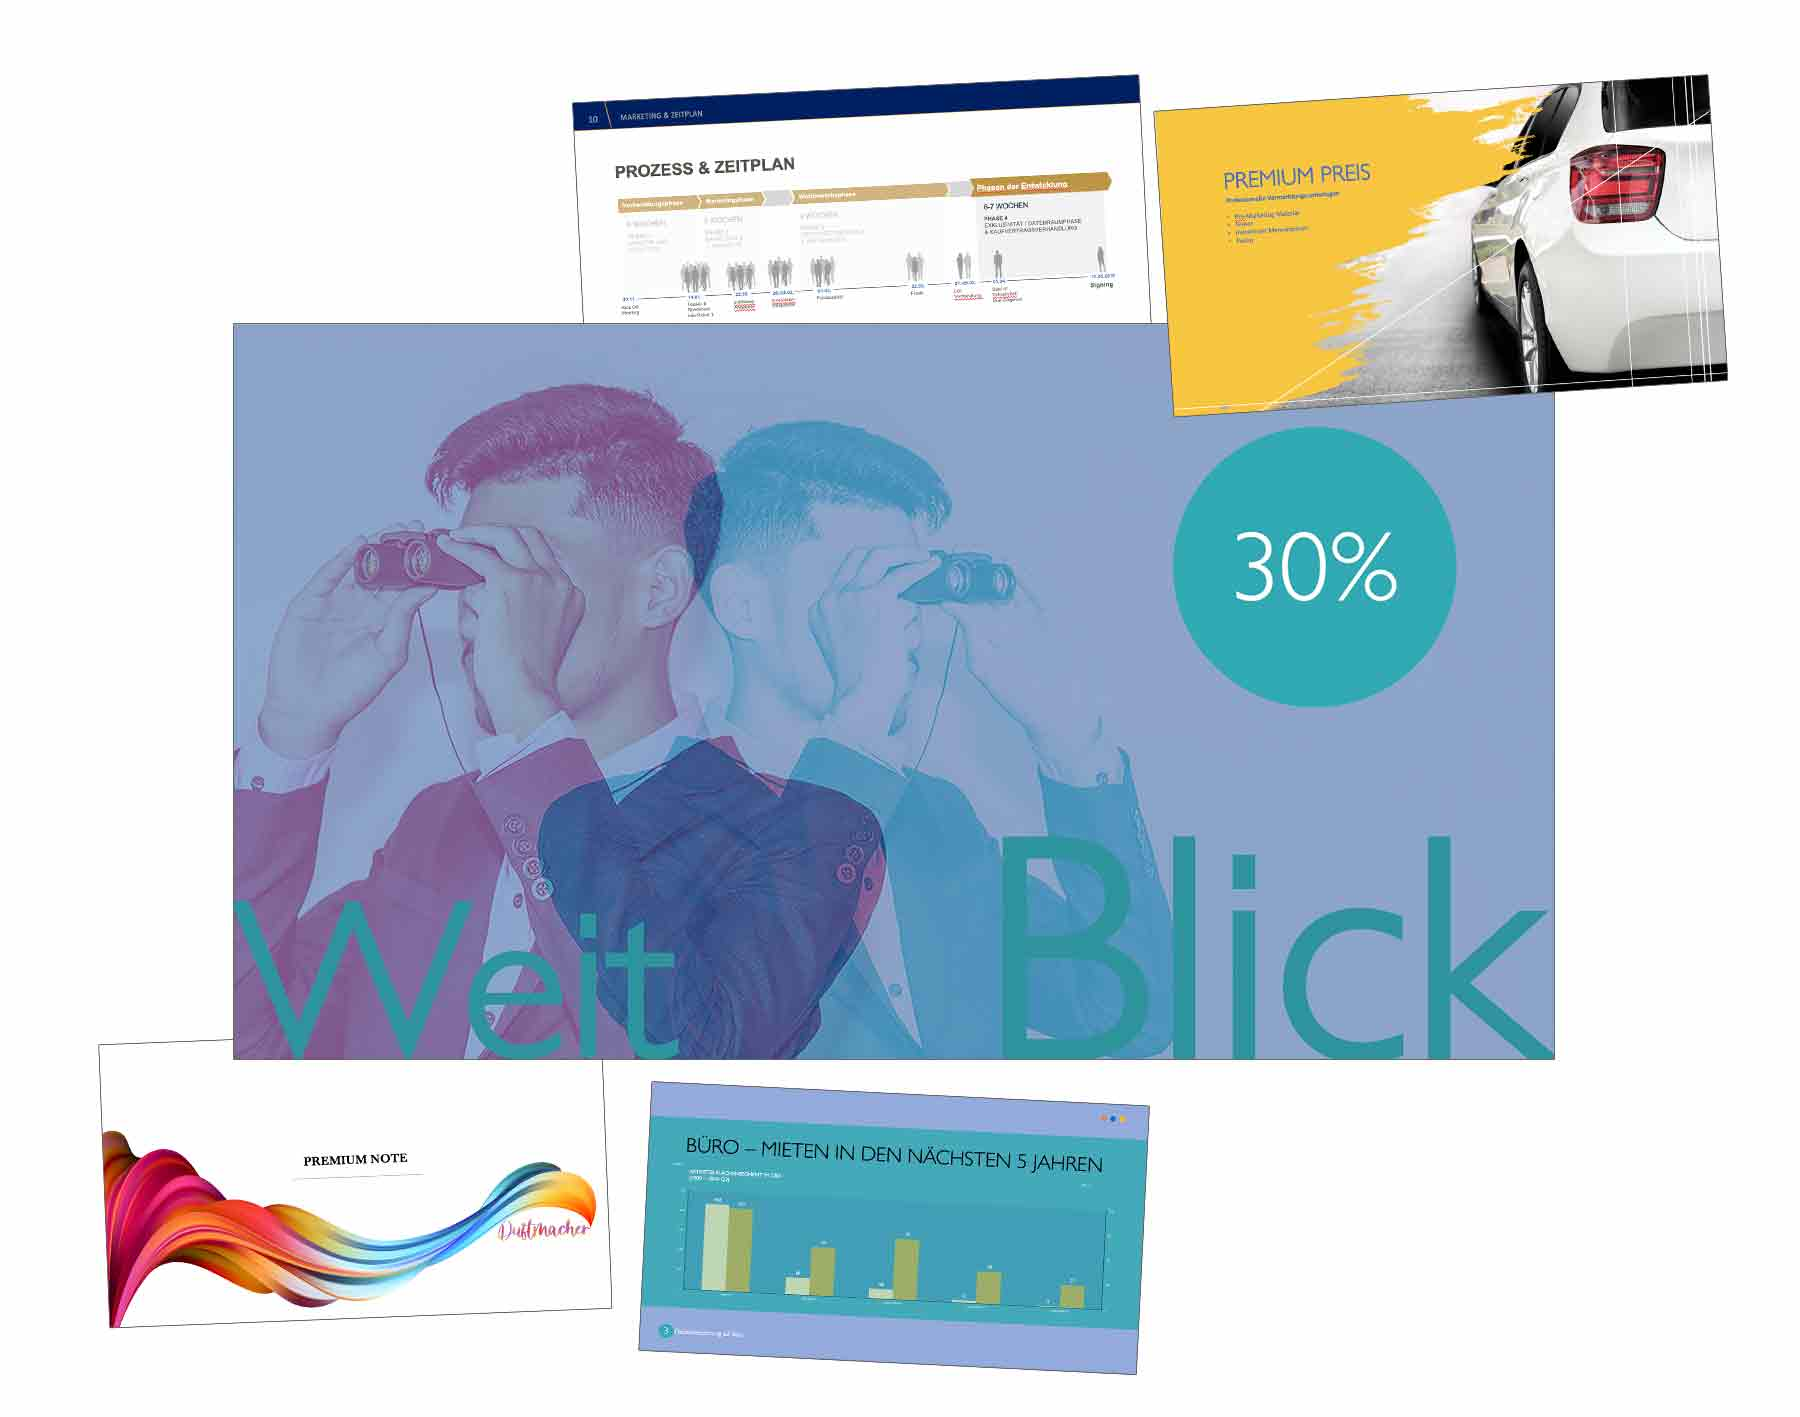 Präsentationsdesign für unternehmenspräsentation